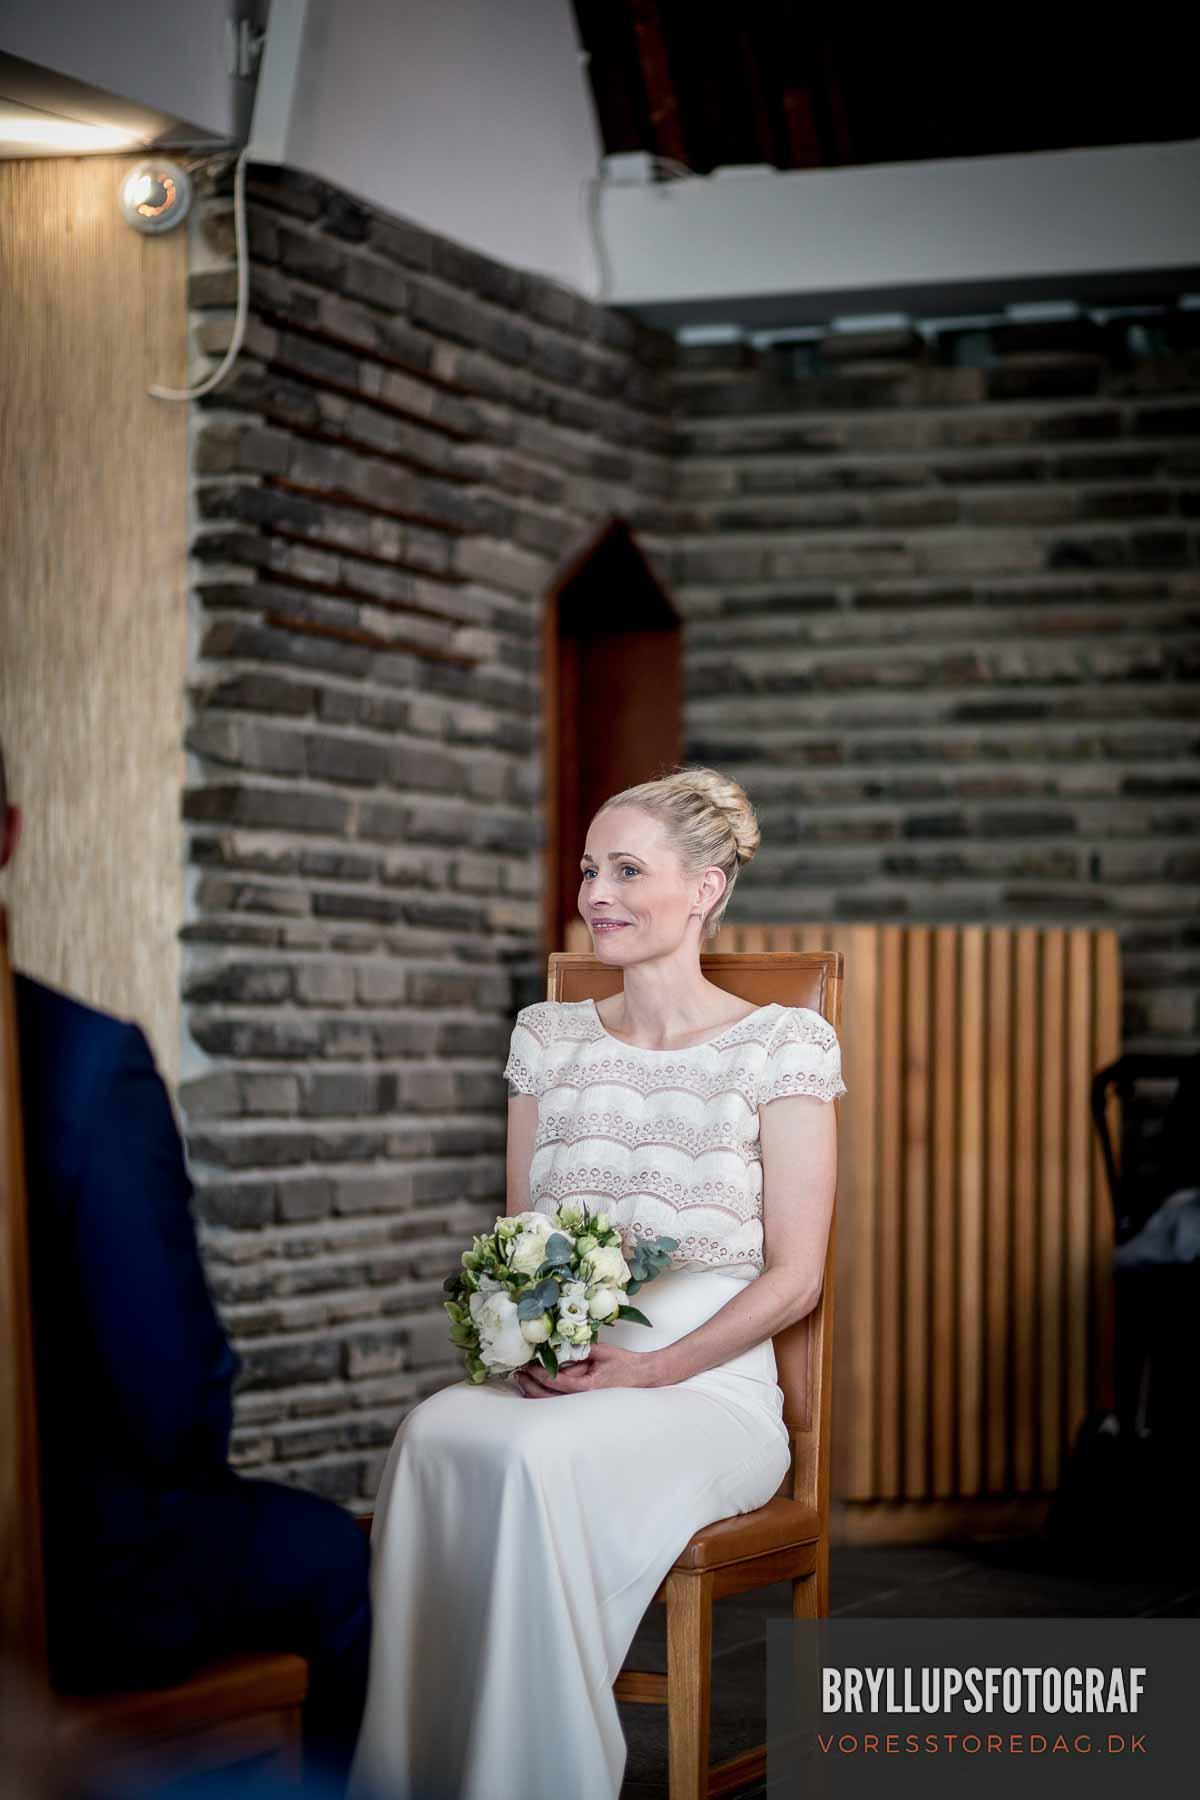 Et bryllup i den norske sømandskirke i københavn